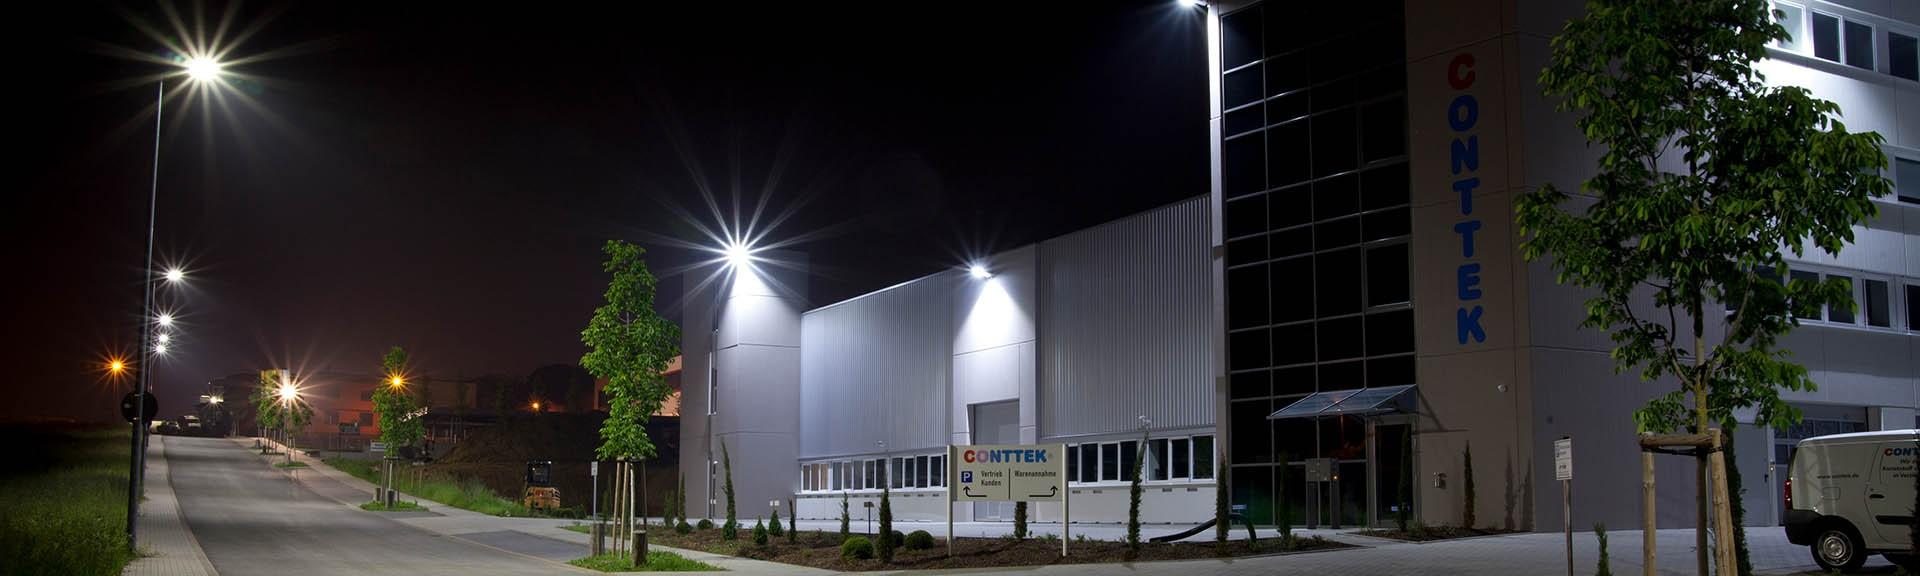 Gebäudebeleuchtung